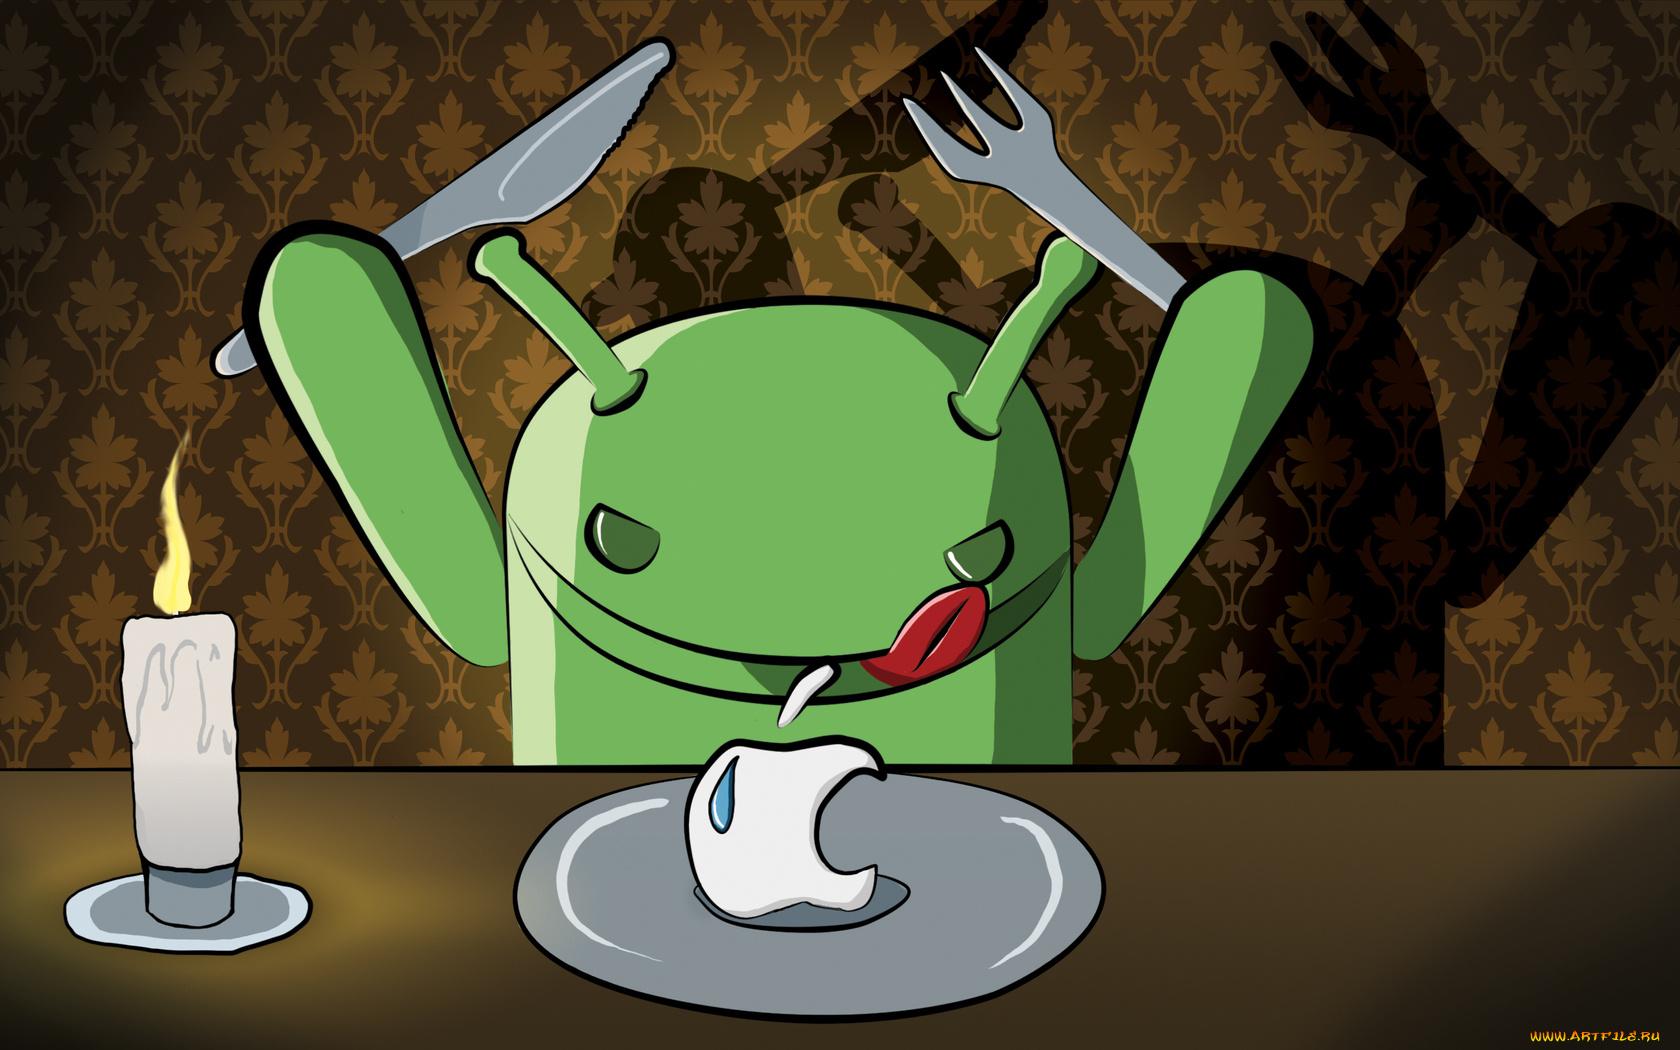 Играй мной, прикольные картинки на обои на андроид